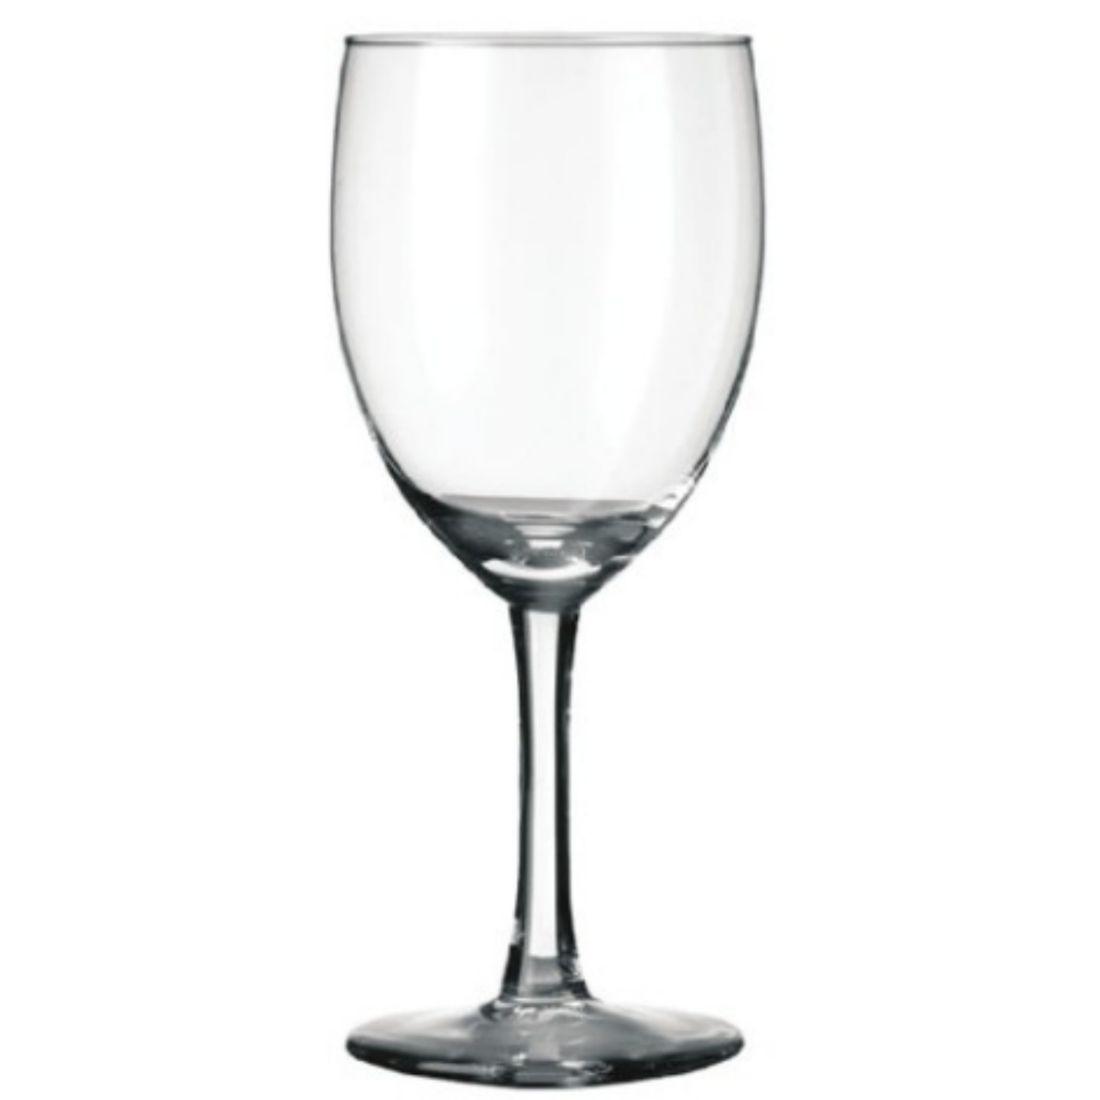 Sklenice na víno Claret 330 ml